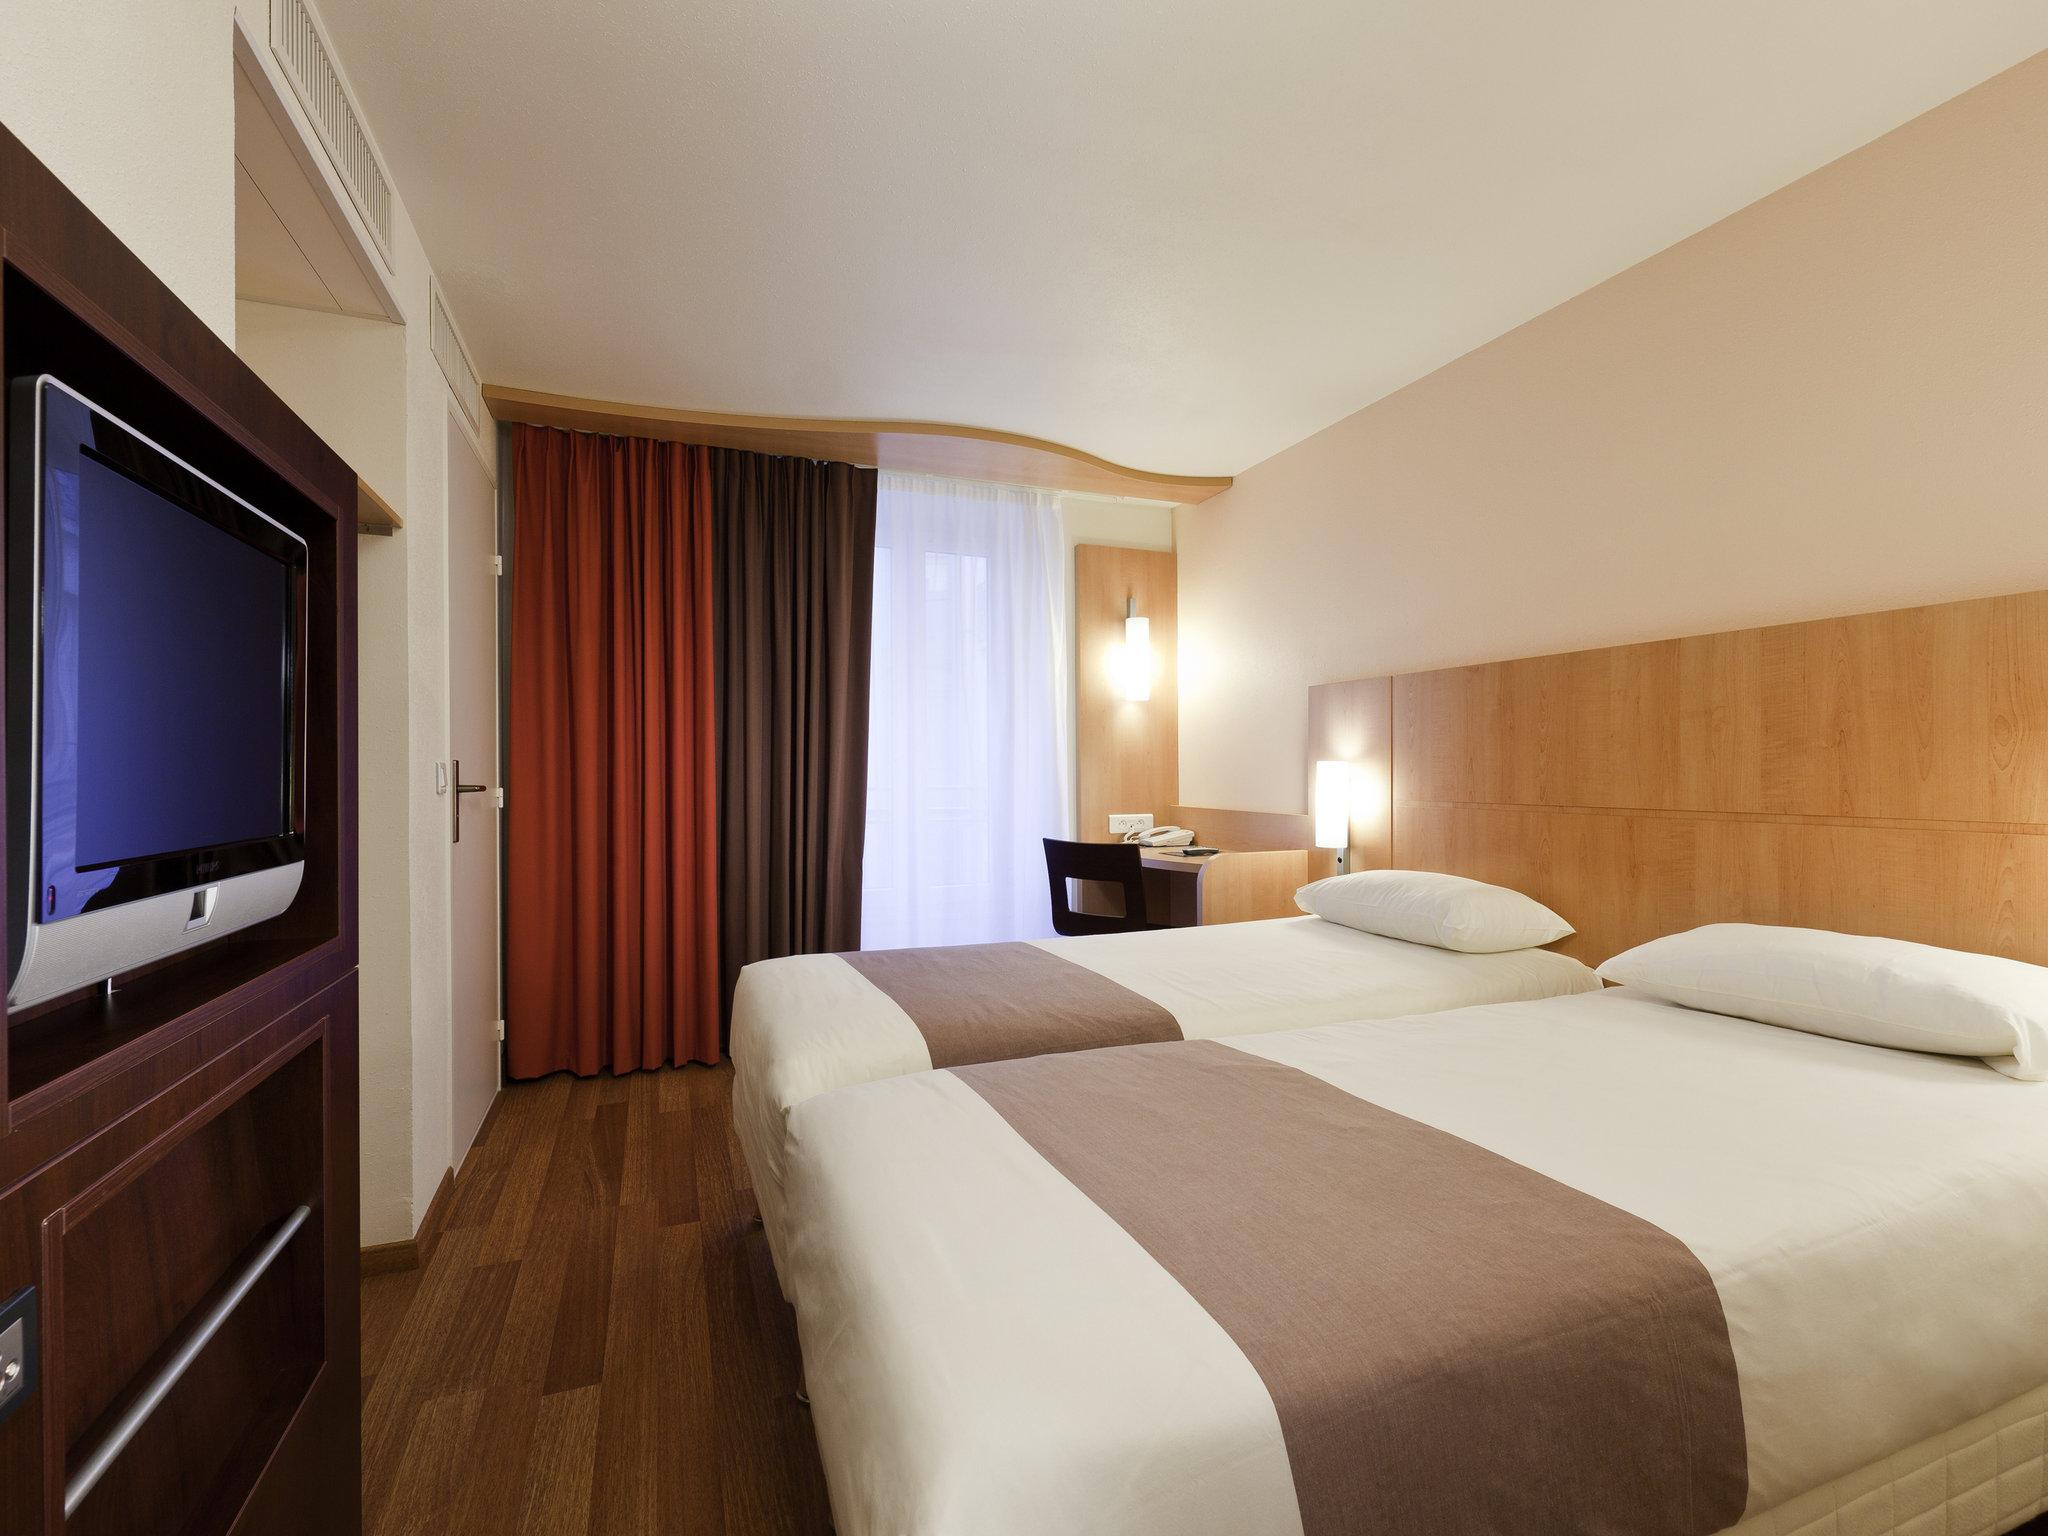 هتل میلنیوم پاریس اوپرا